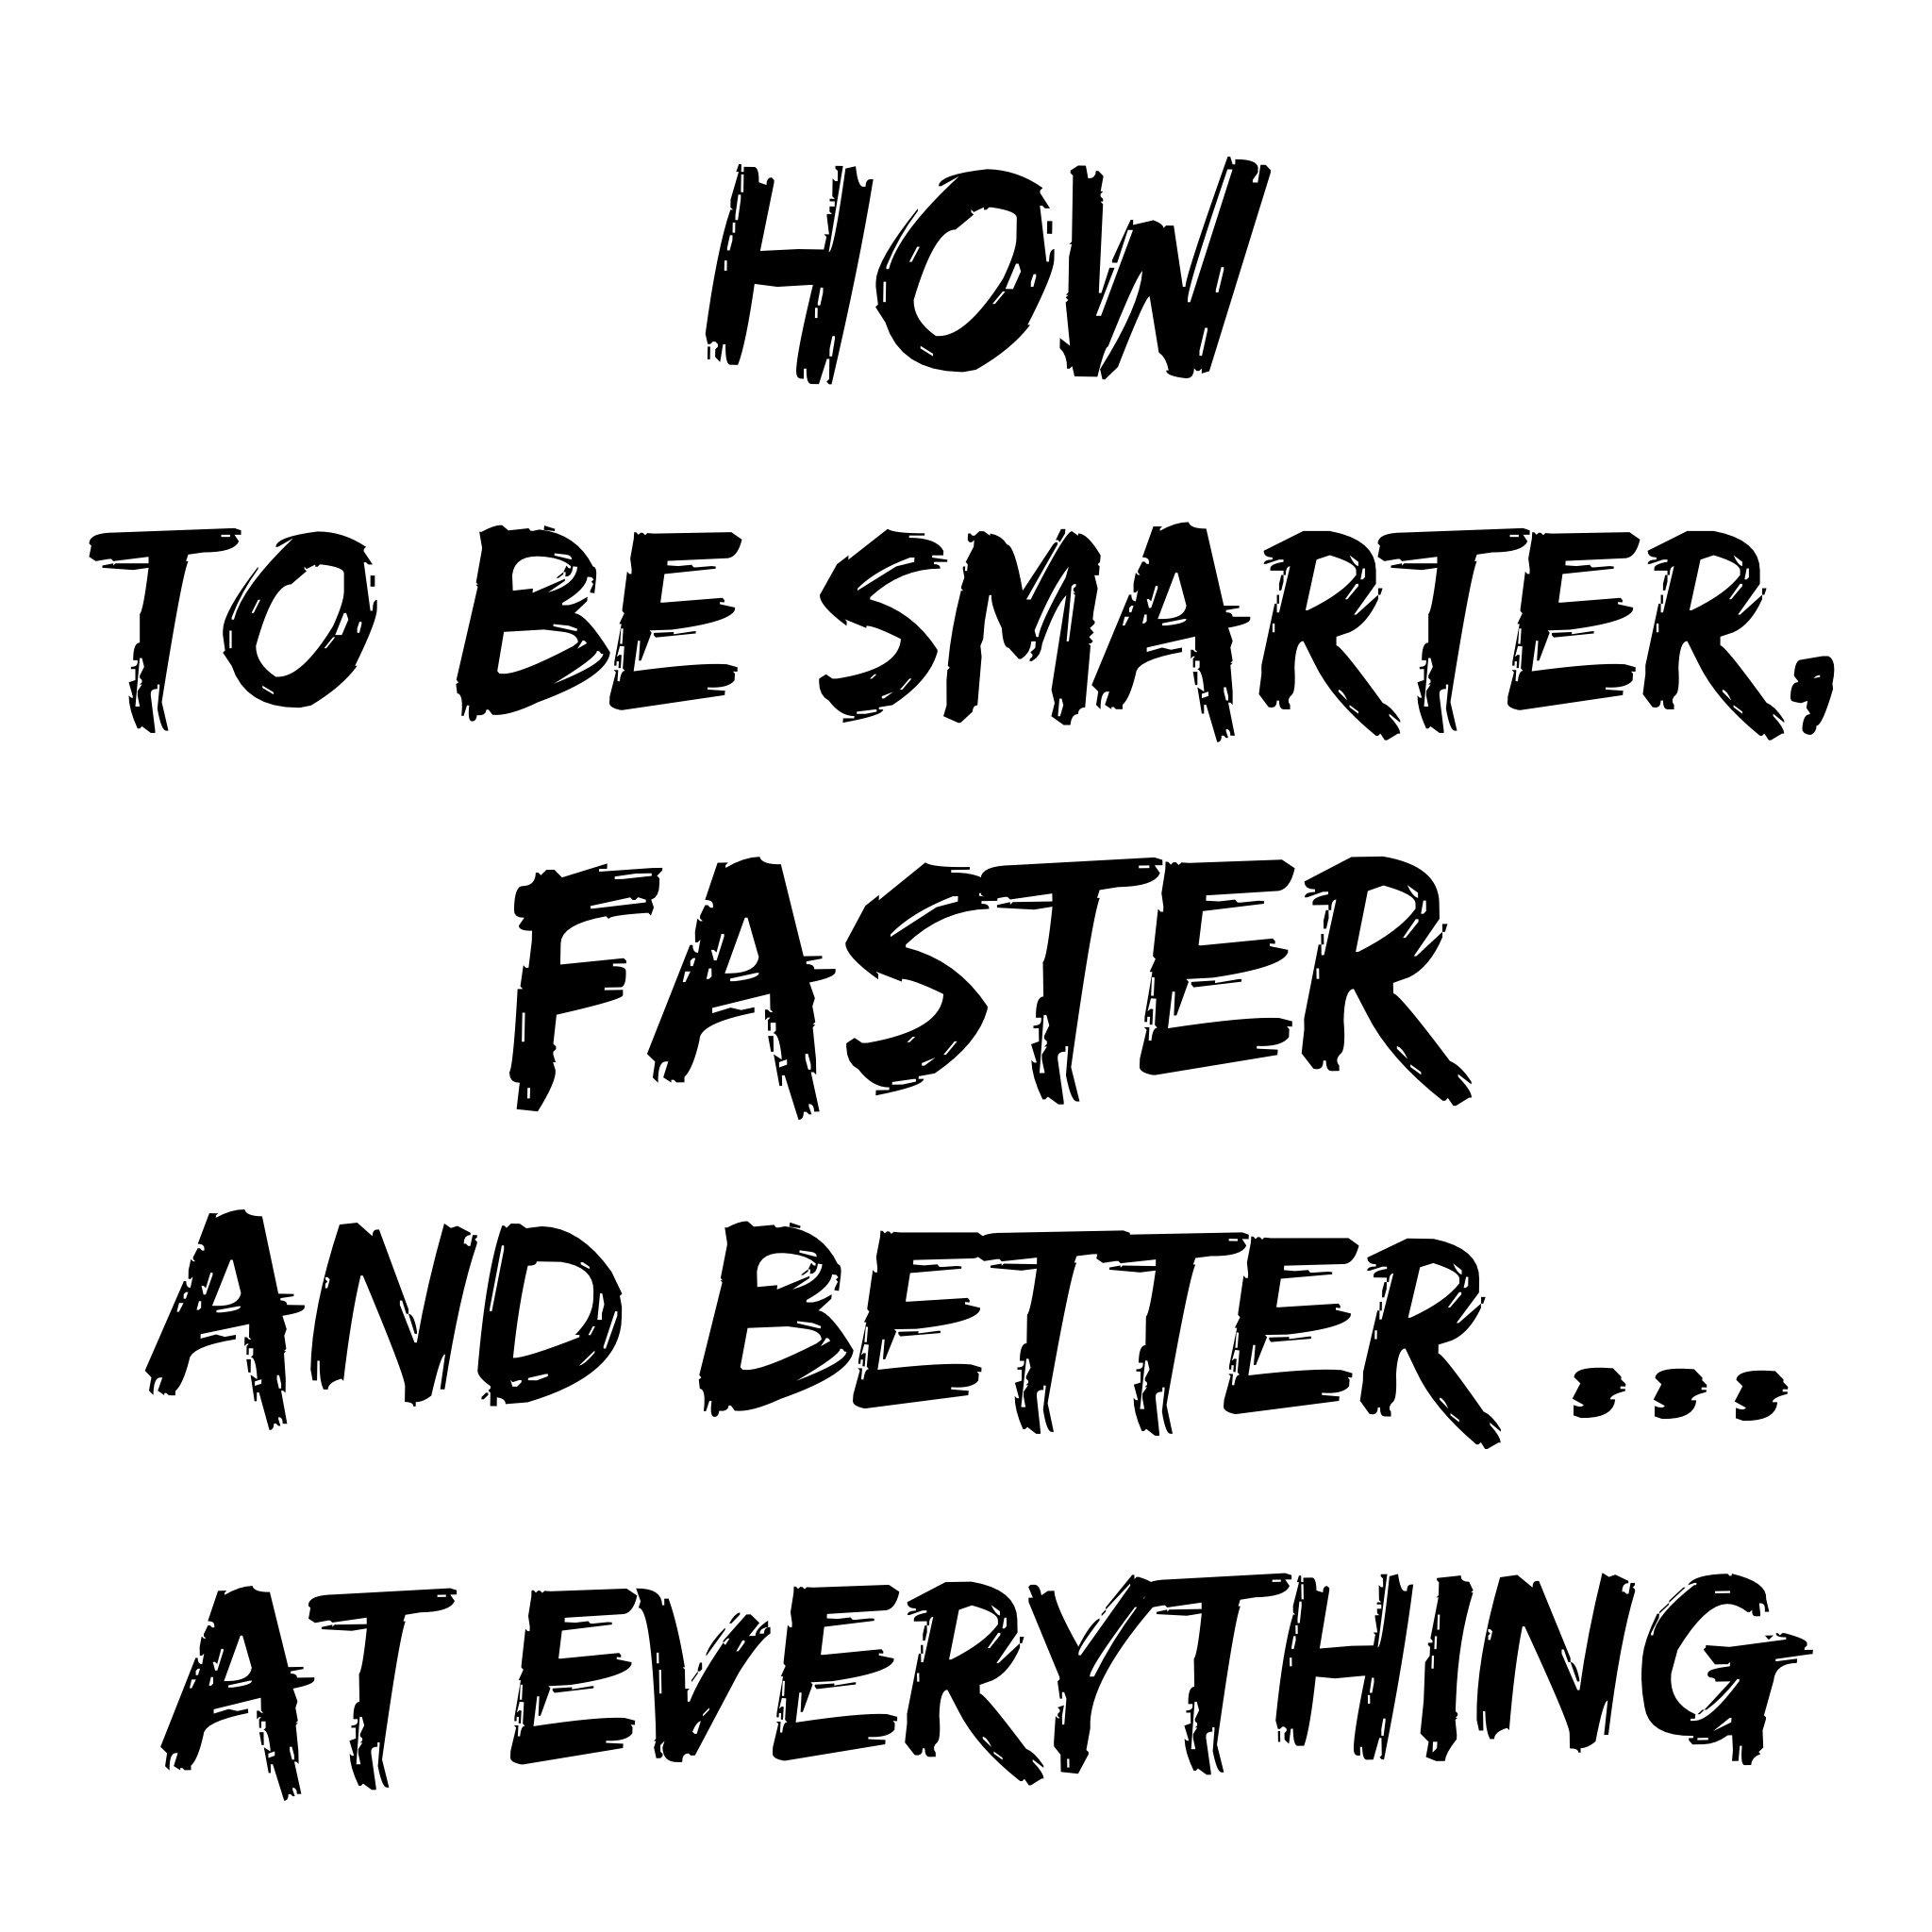 Stretch Goals + SMART Goals = SUCCESS (Smarter Faster